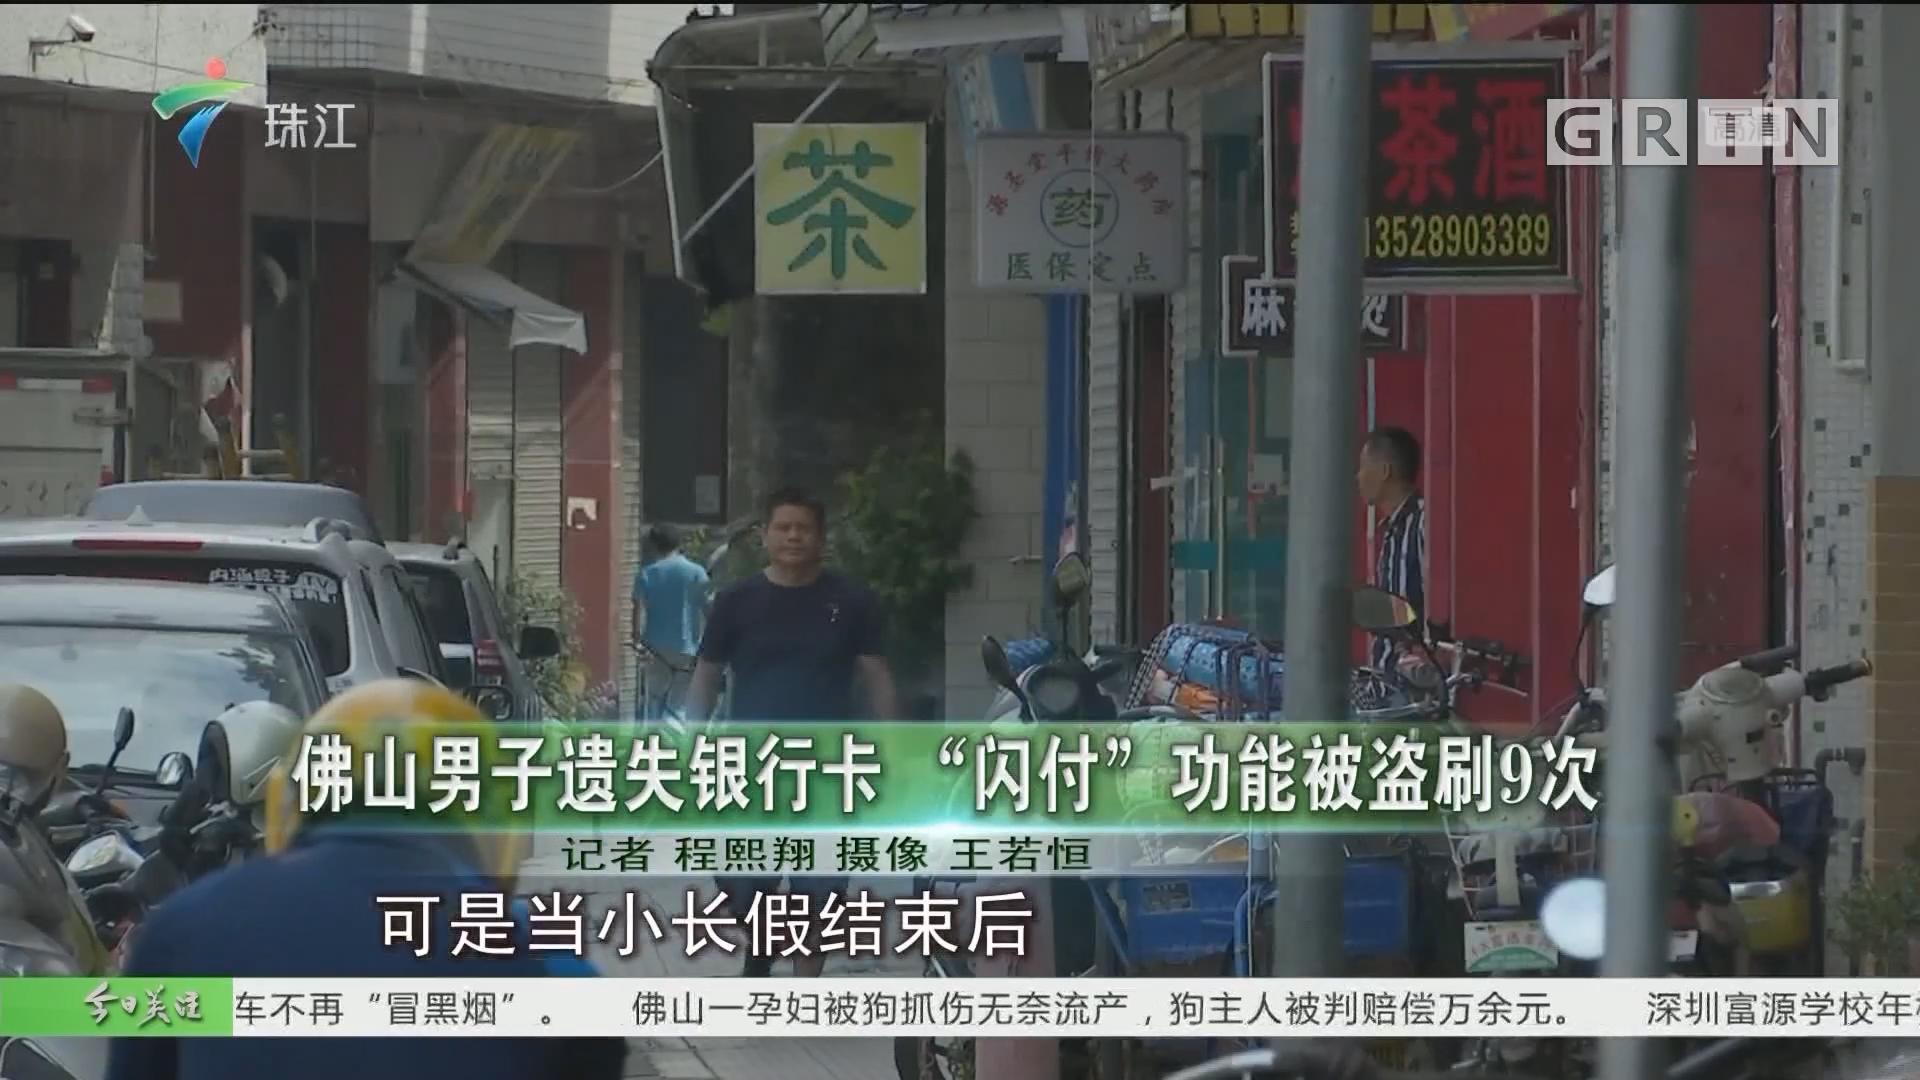 """佛山男子遗失银行卡 """"闪付""""功能被盗刷9次"""